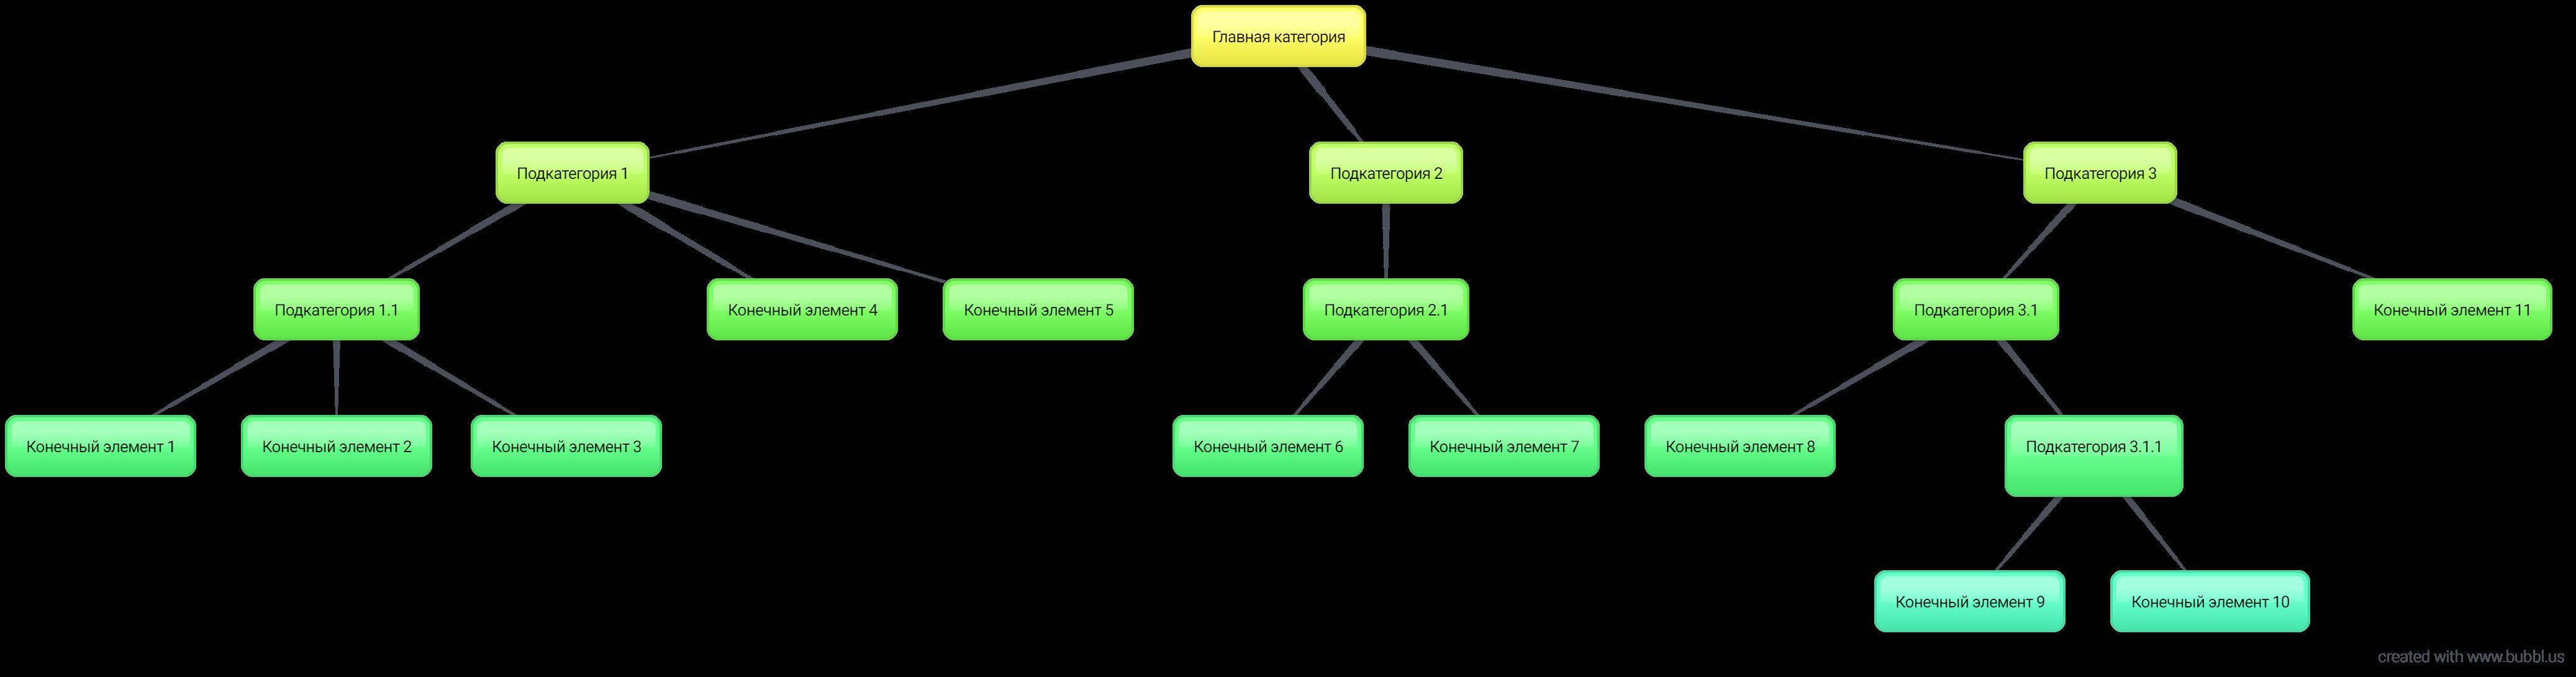 Разберем пример работы функций Hierarchy() и HierarchyBelongsTo() с иерархией в QlikView 12